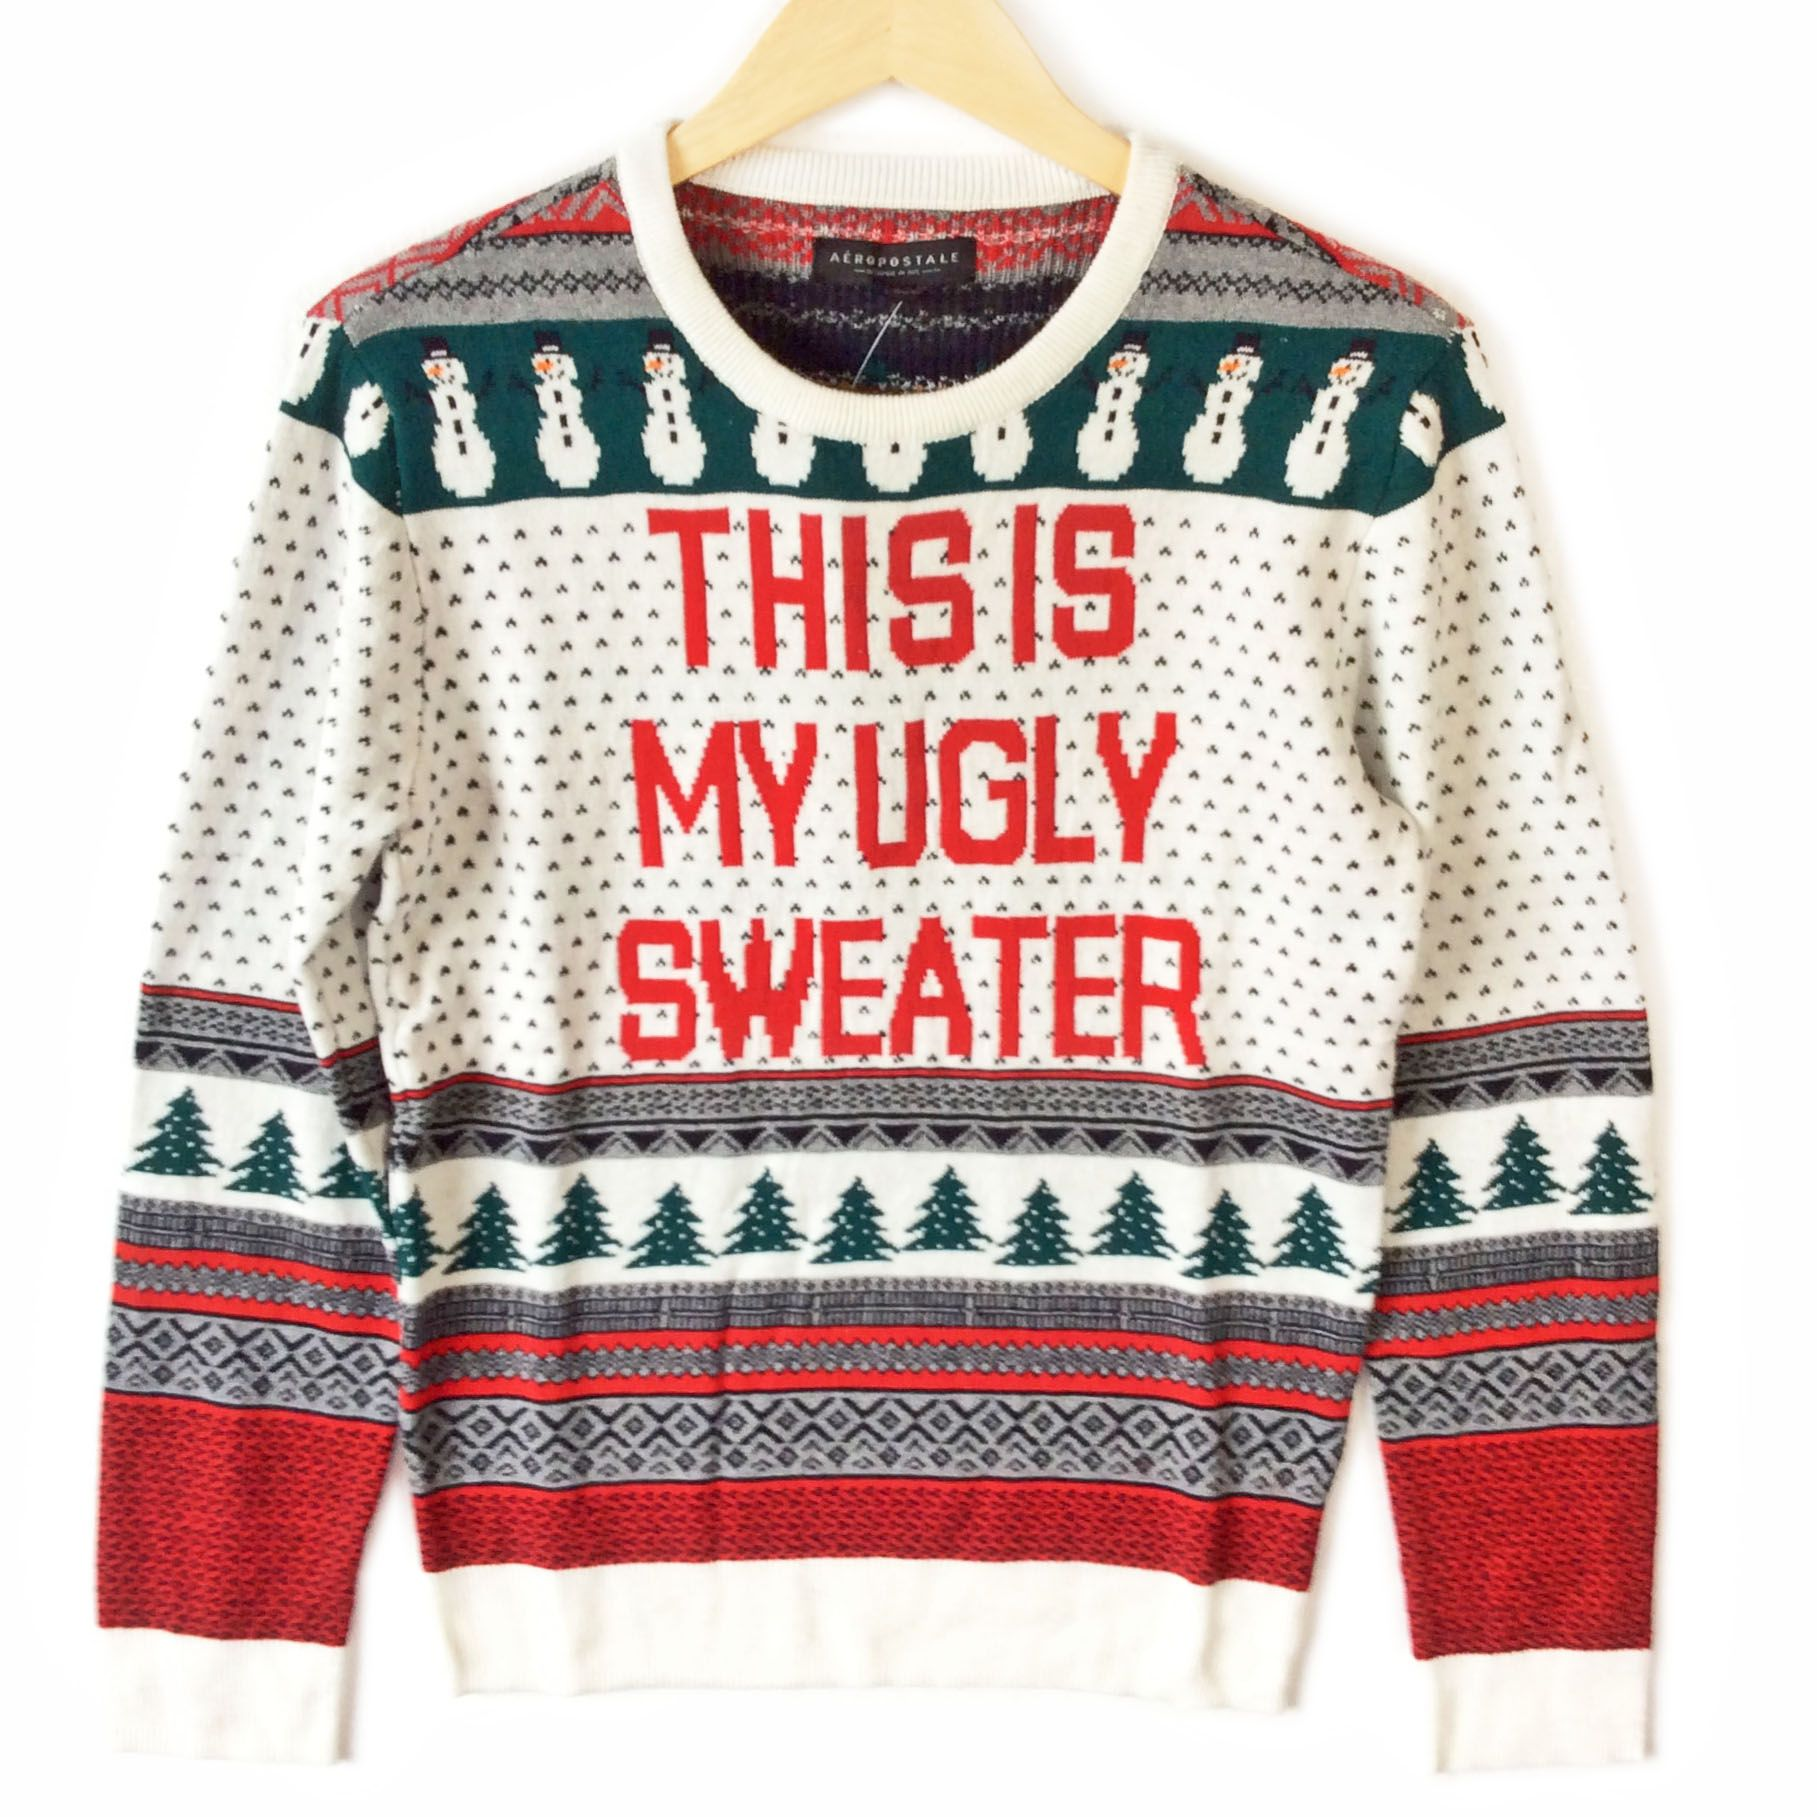 Oggi è il giorno dedicato ai maglioni di Natale orribili